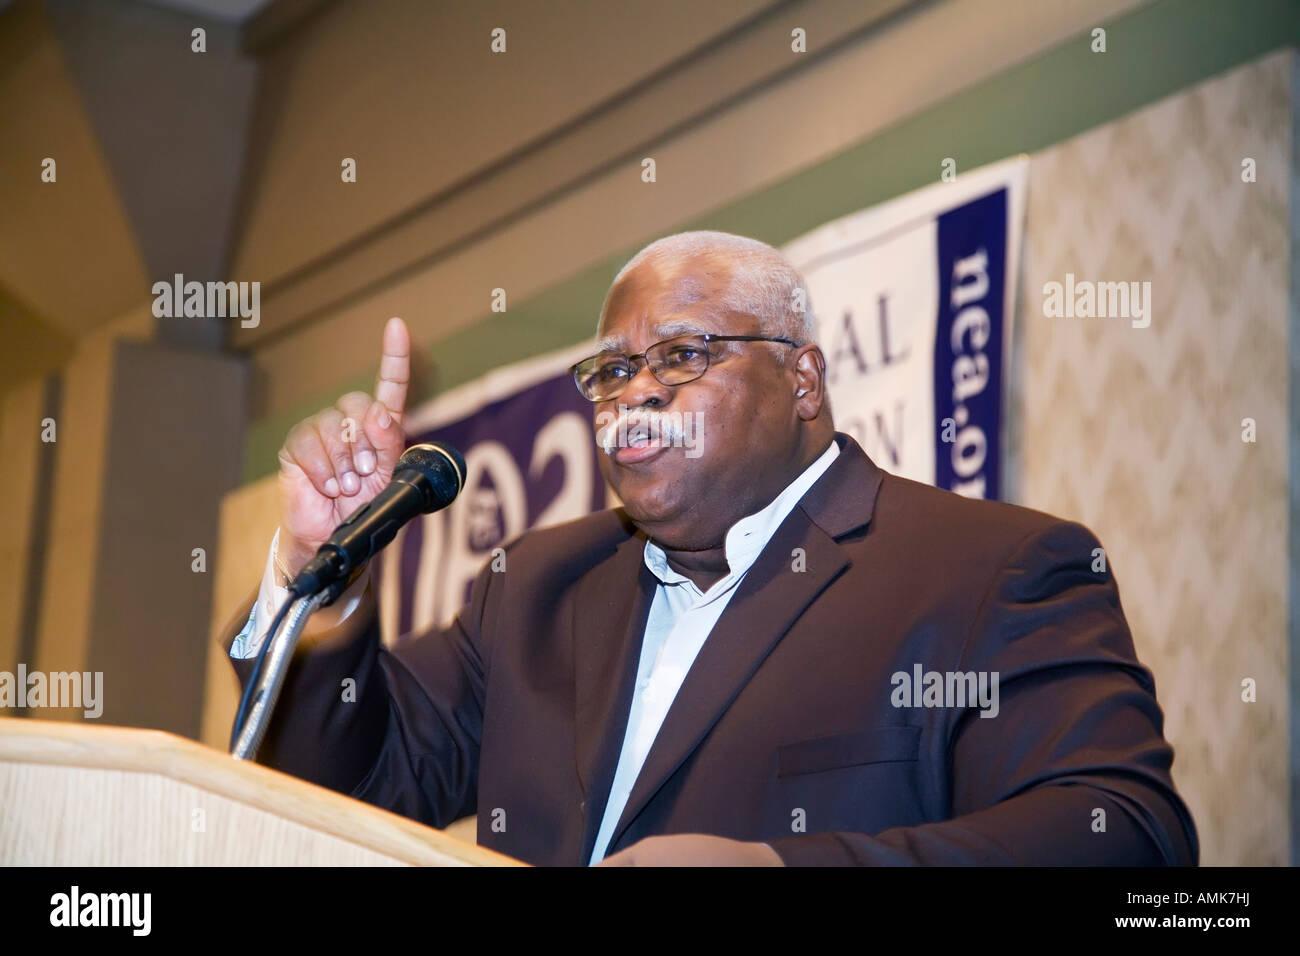 El Presidente de la Asociación Nacional de Educación Reg Weaver Foto de stock